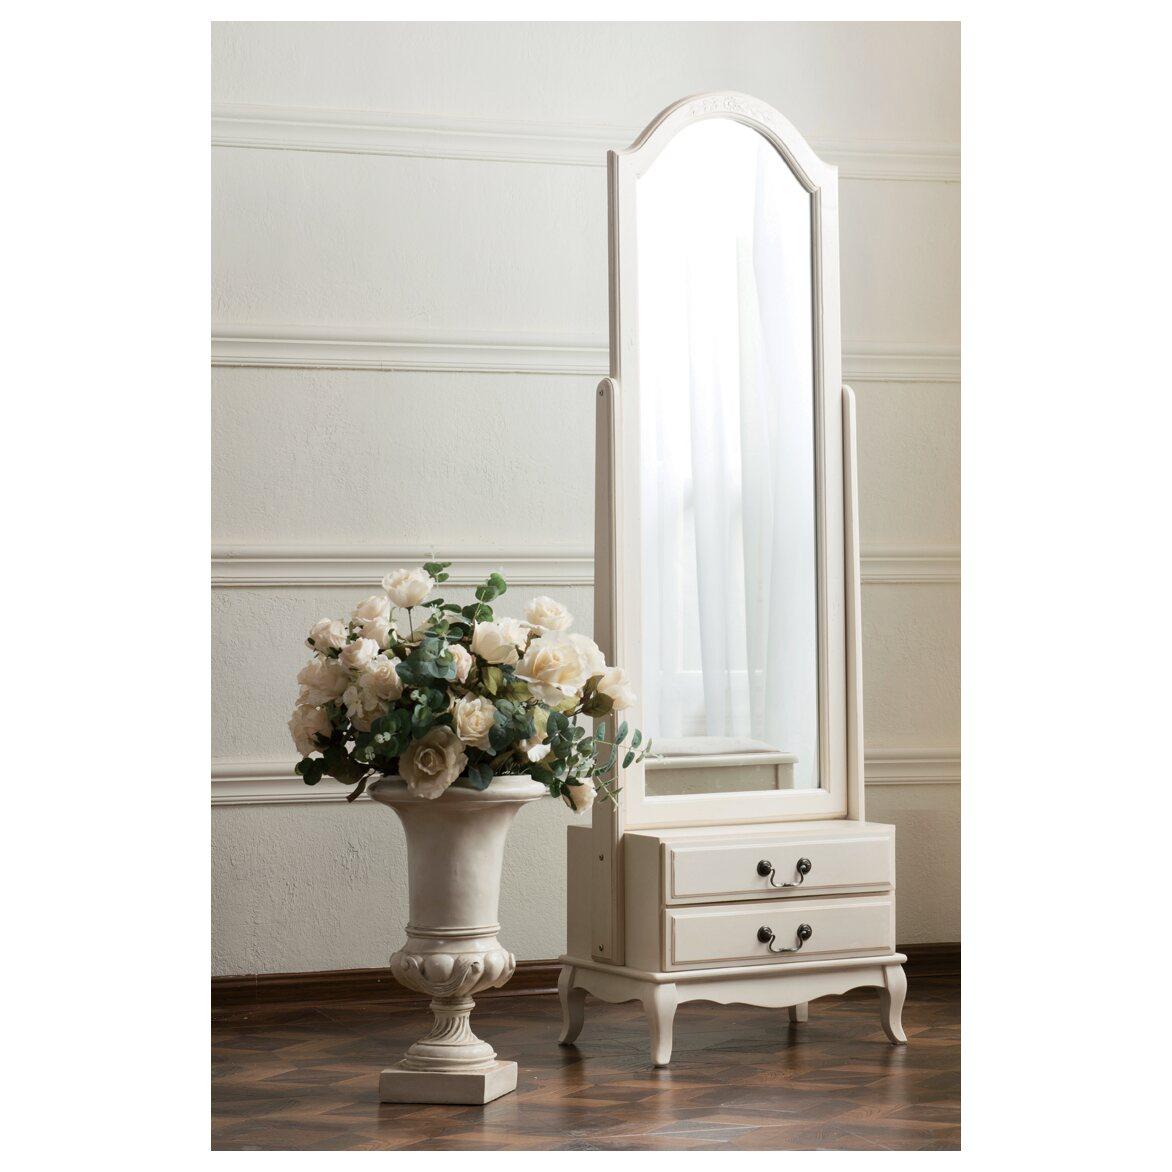 Напольное зеркало Leontina, бежевого цвета 4 | Прямоугольные зеркала Kingsby